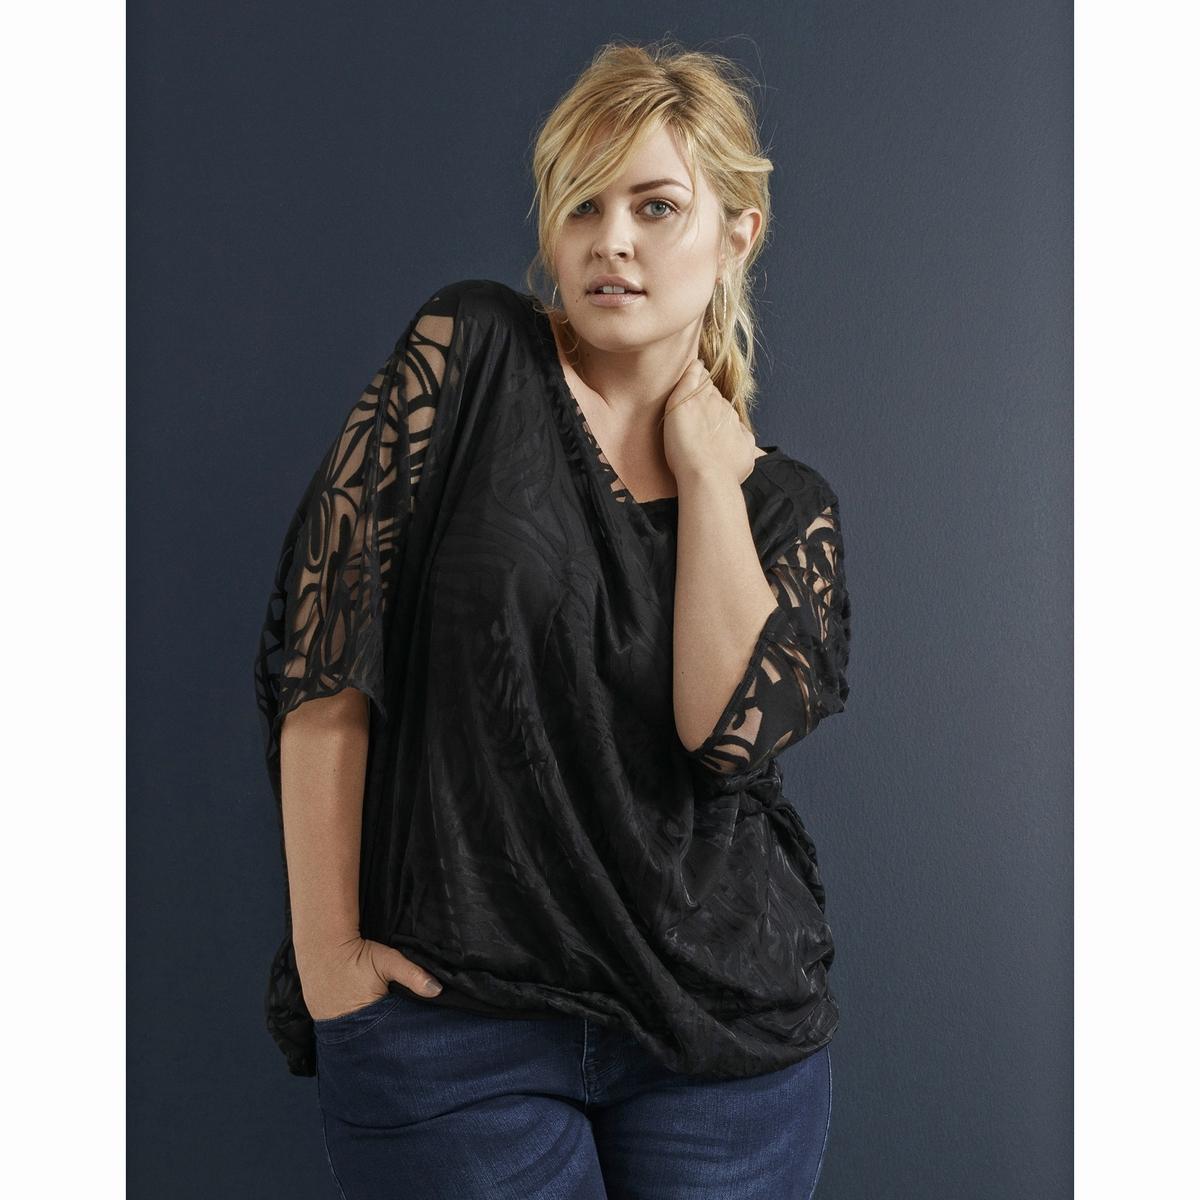 БлузкаБлузка с рукавами летучая мышь ZIZZI. Красивый эффект по всей блузке. Прозрачные карманы. 85% полиэстера, 15% хлопка.<br><br>Цвет: черный